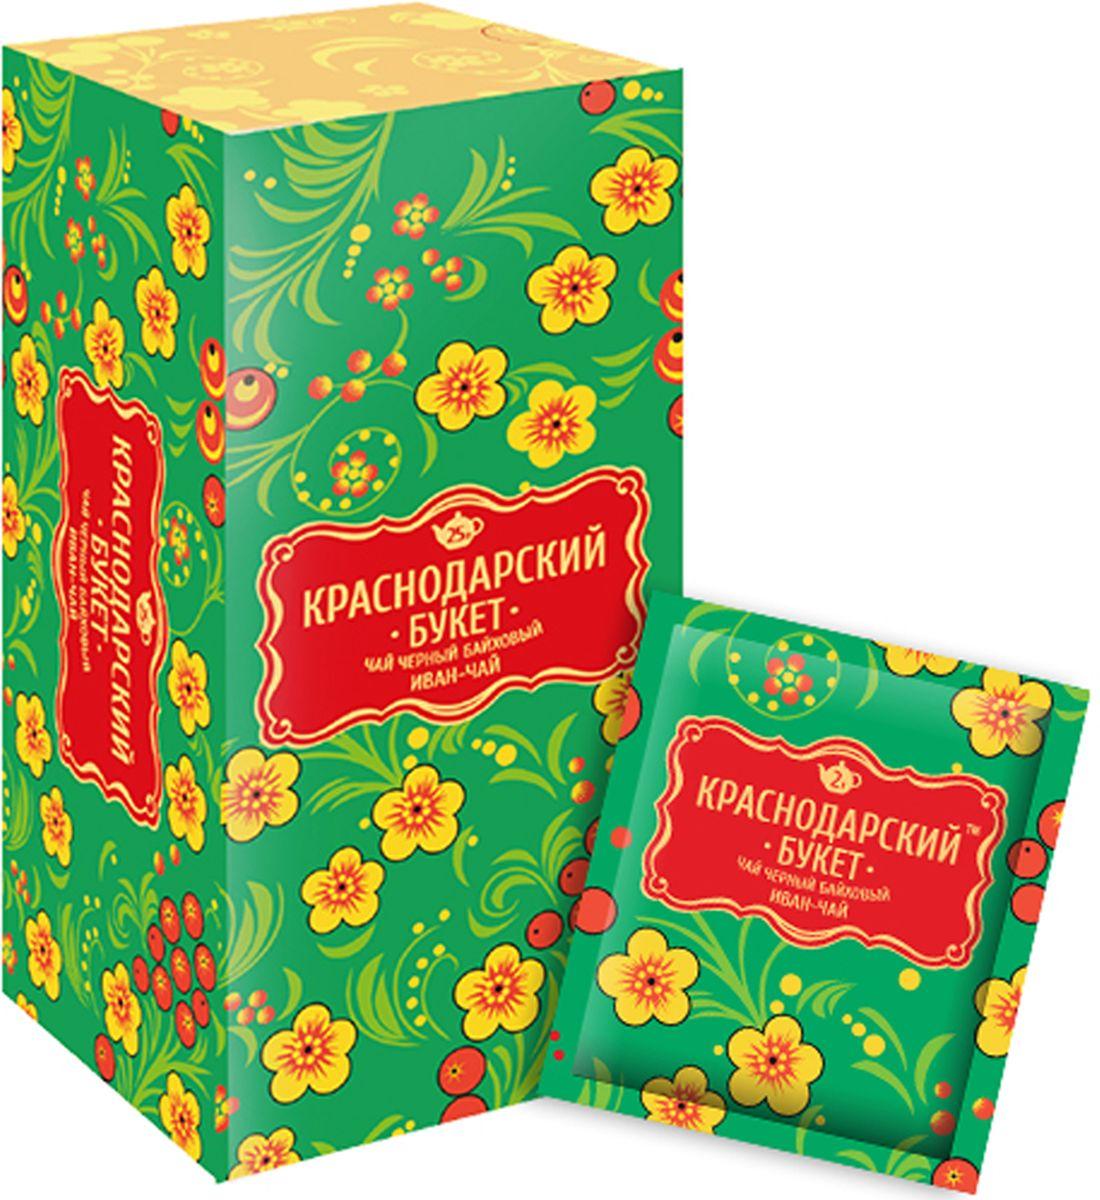 Краснодарский букет чай черный с иван-чаем в пакетиках, 25 шт4607051543058Иван-чай придает напитку приятный, чуть терпкий вкус с душистым цветочно-травяным ароматом.Всё о чае: сорта, факты, советы по выбору и употреблению. Статья OZON Гид